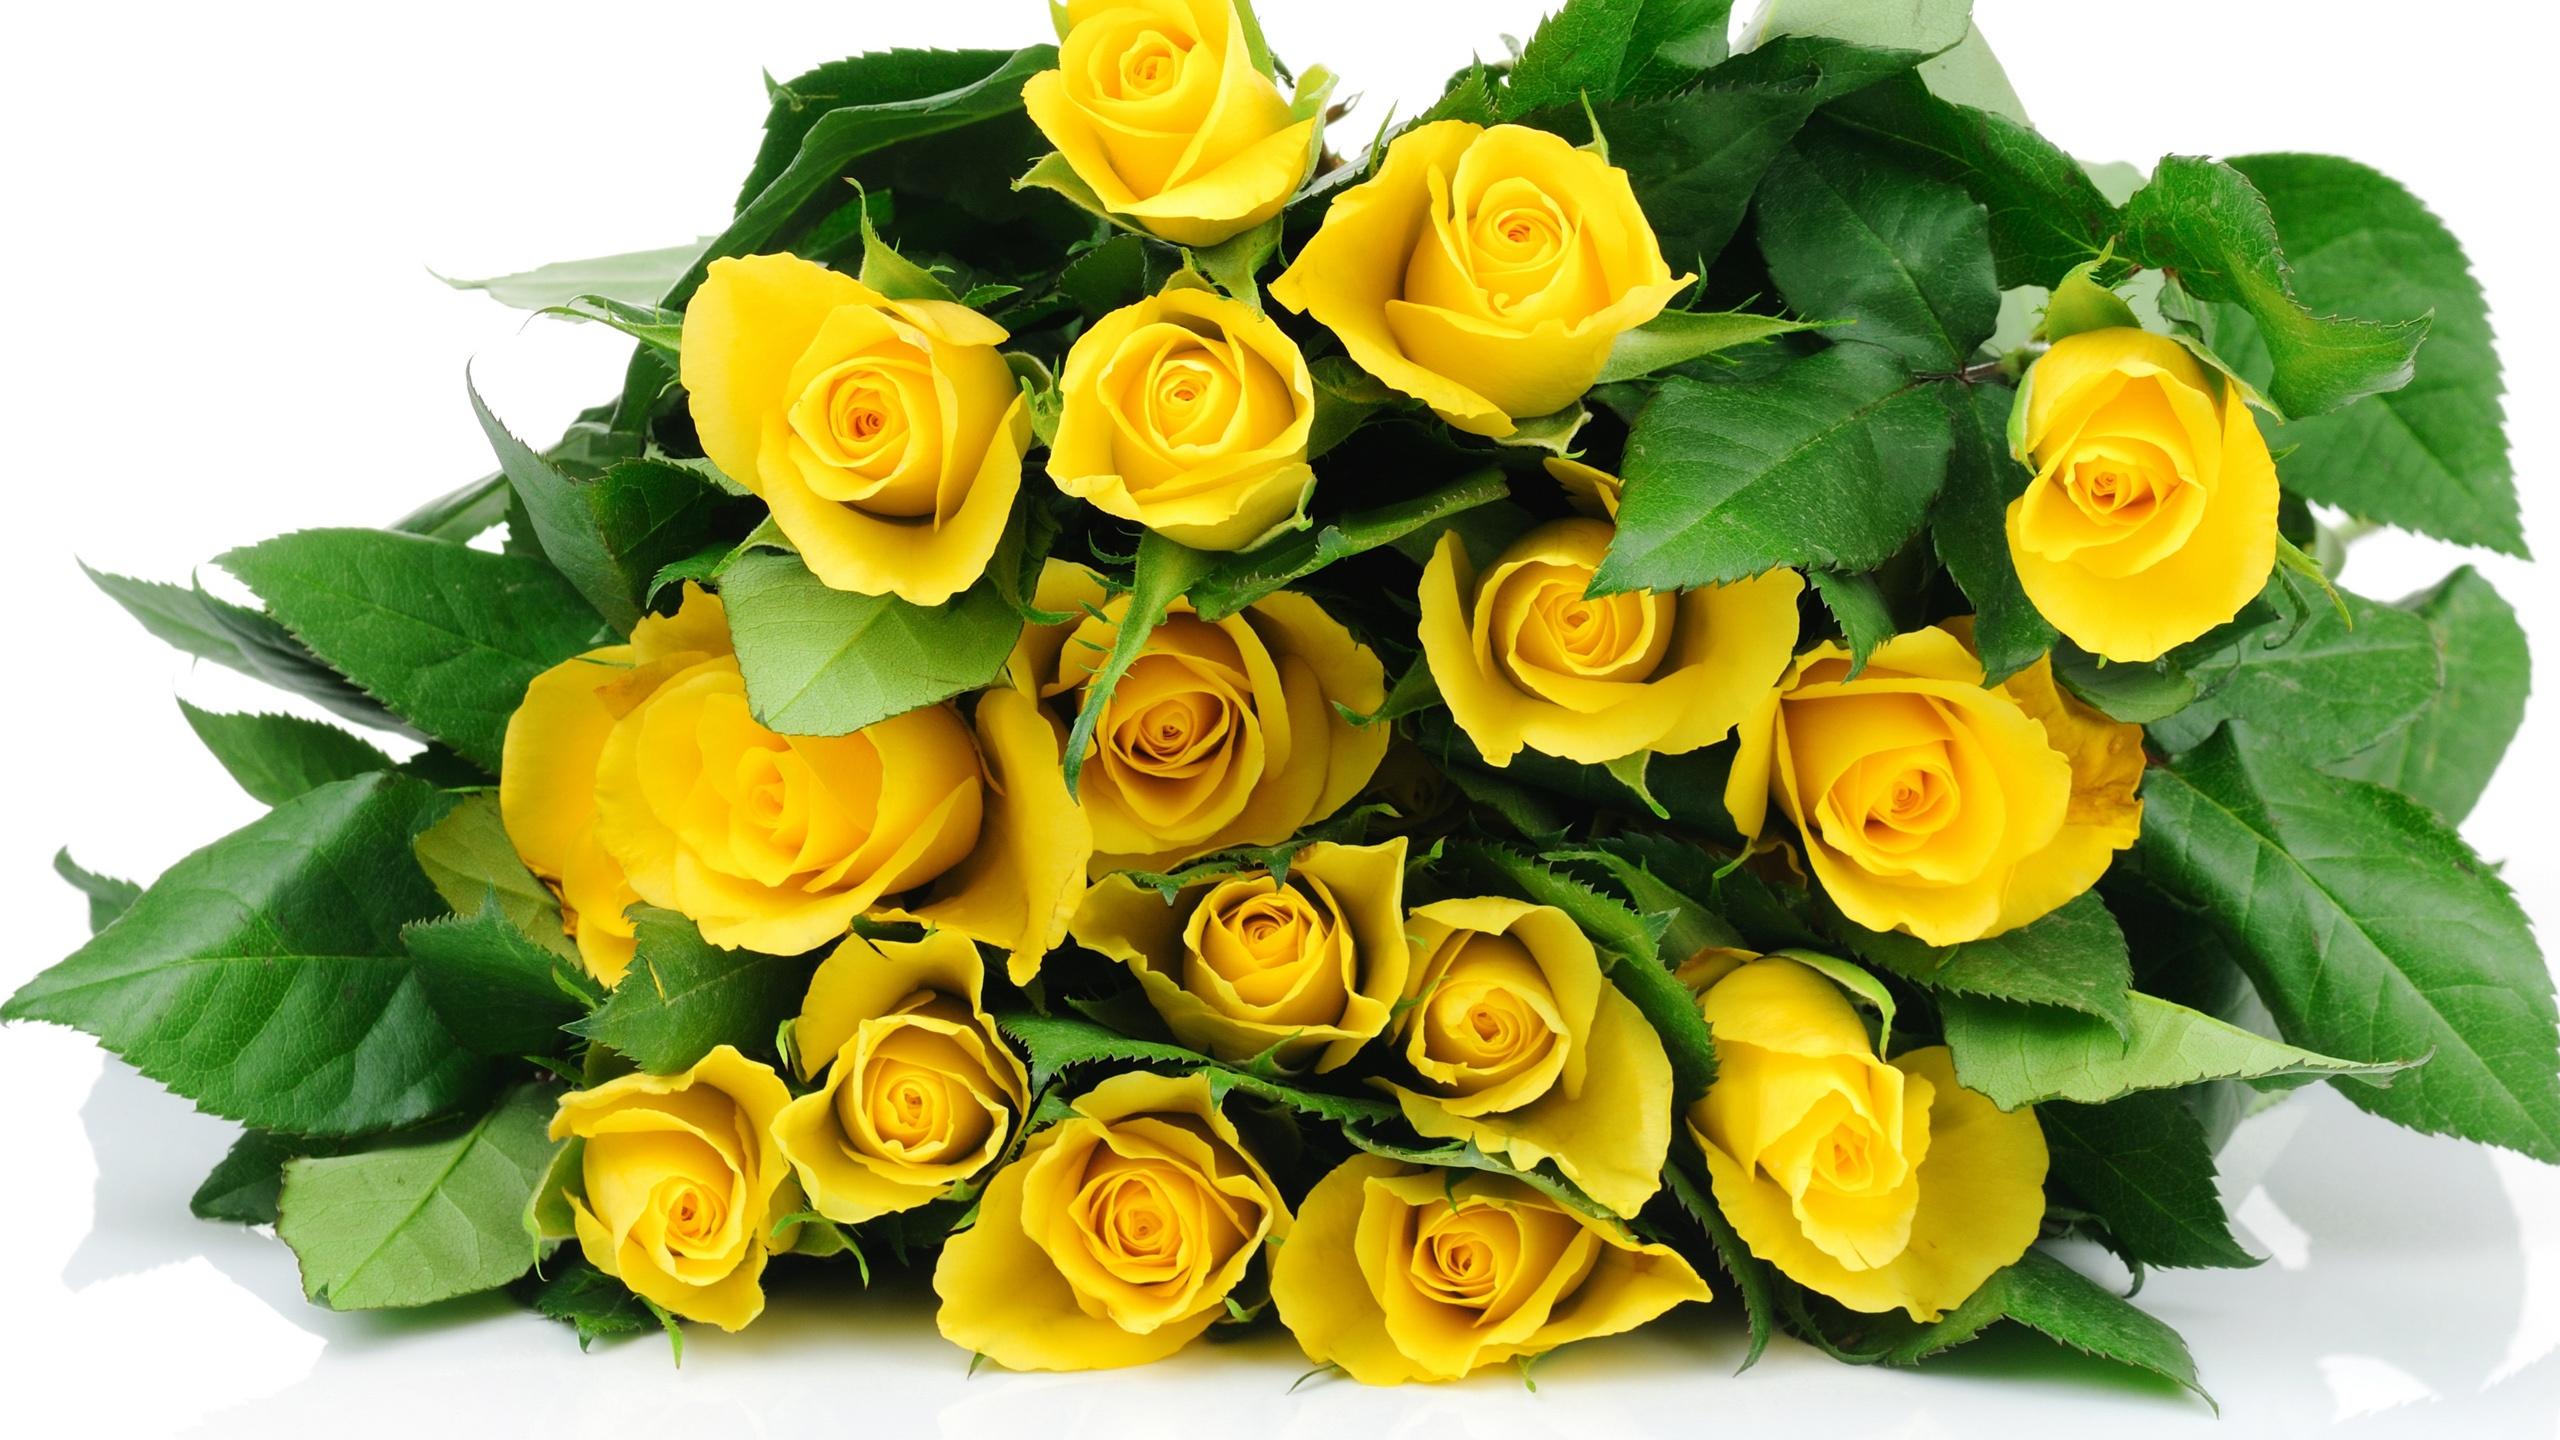 Fonds d 39 cran a bouquet fleurs roses jaunes 2560x1440 qhd for Fond ecran qhd